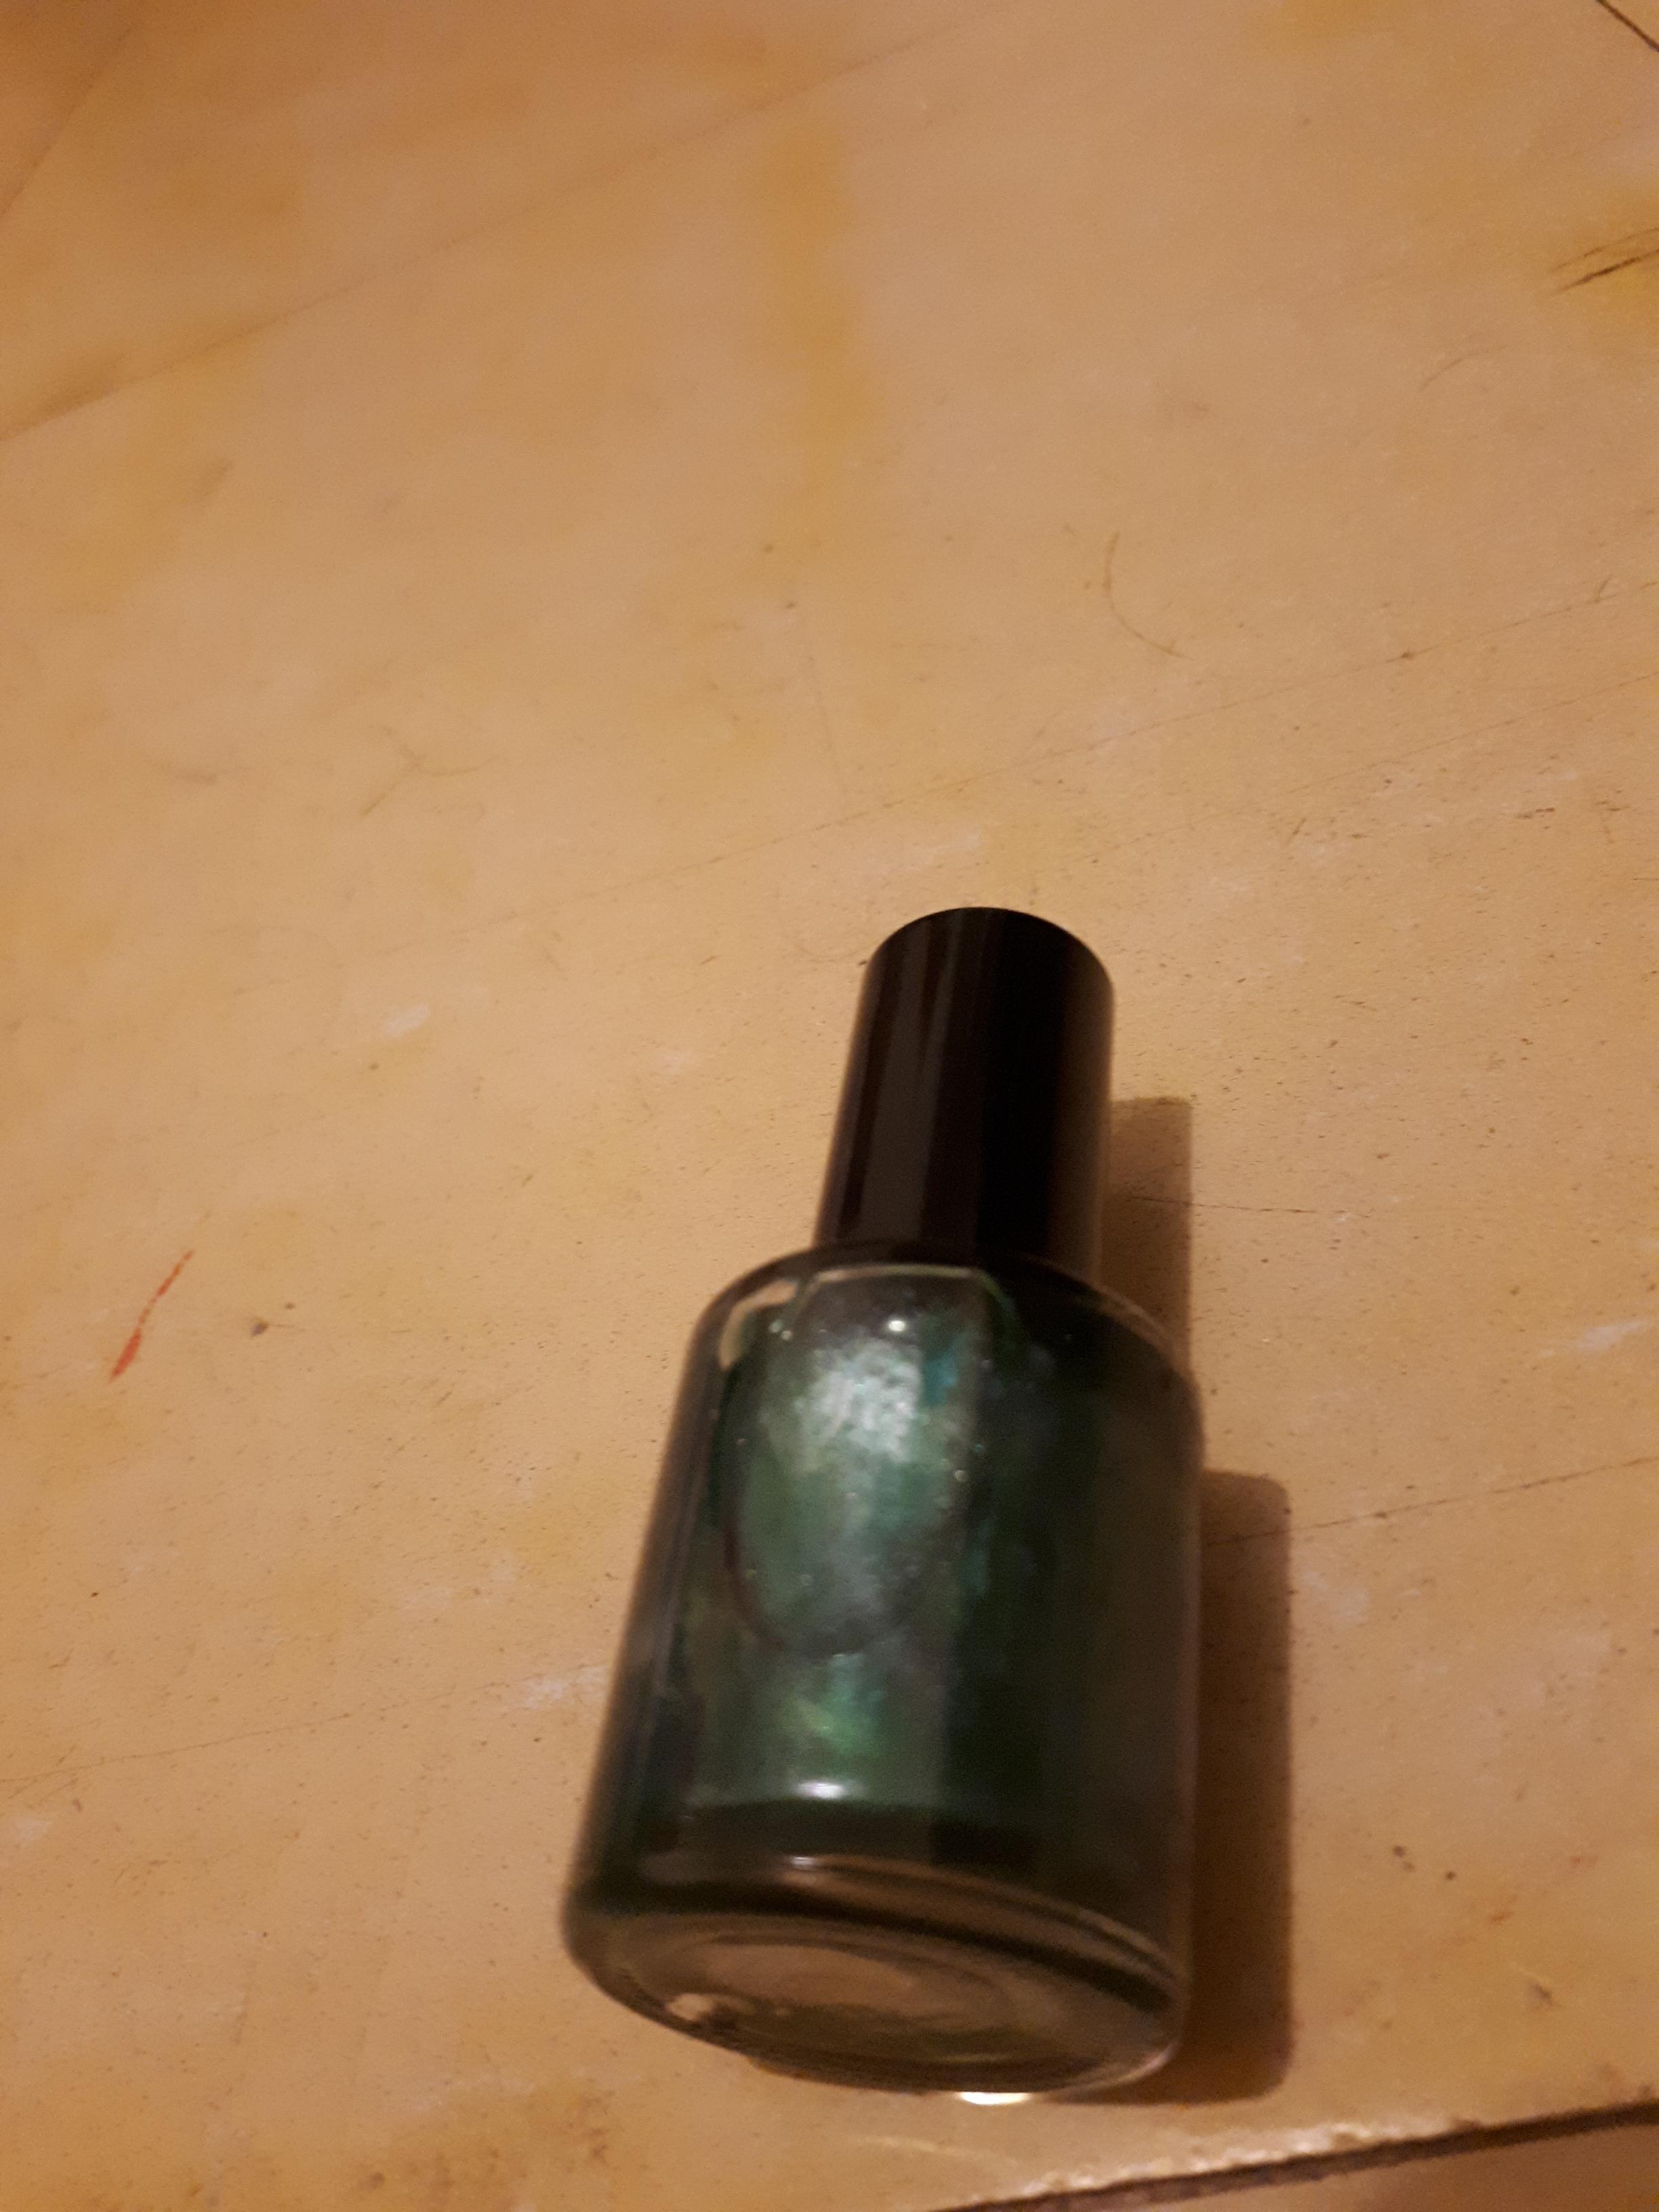 troc de troc vernis à ongles image 1